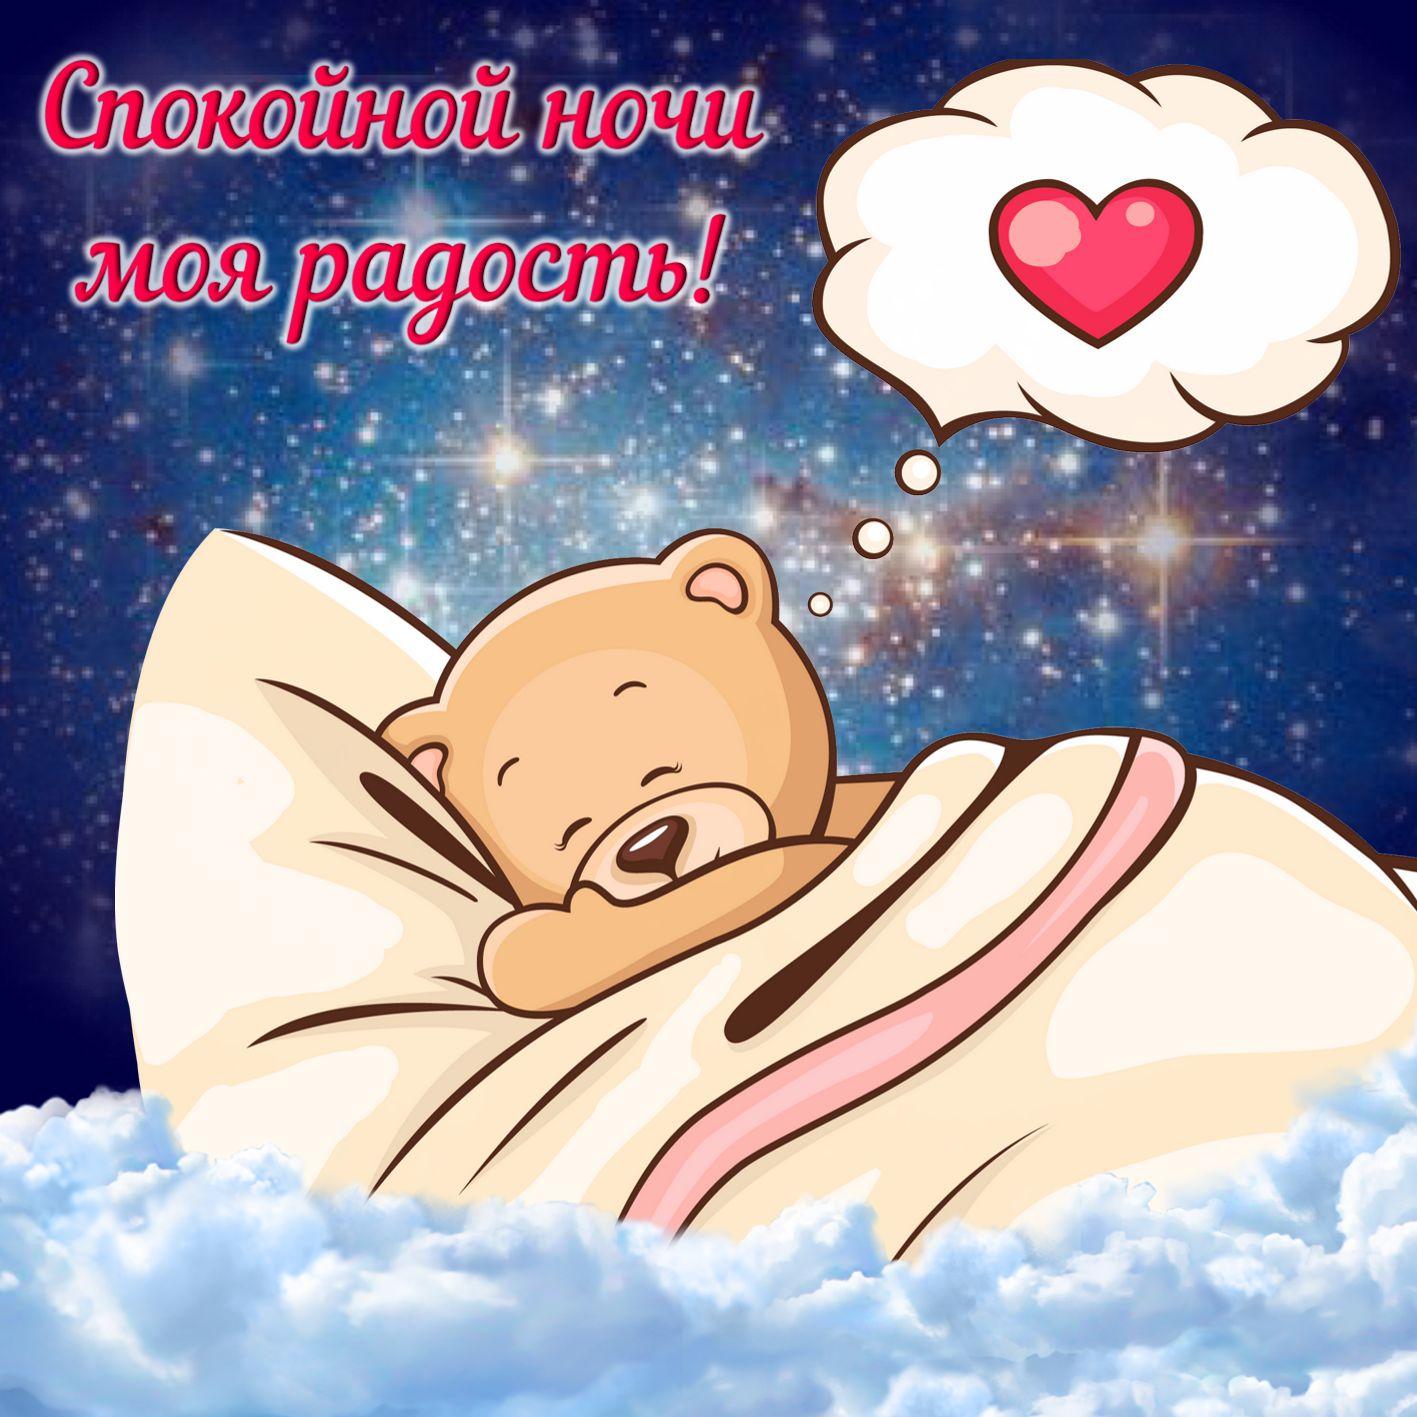 Открытка днем, открытки пожелания спокойной ночи дочери